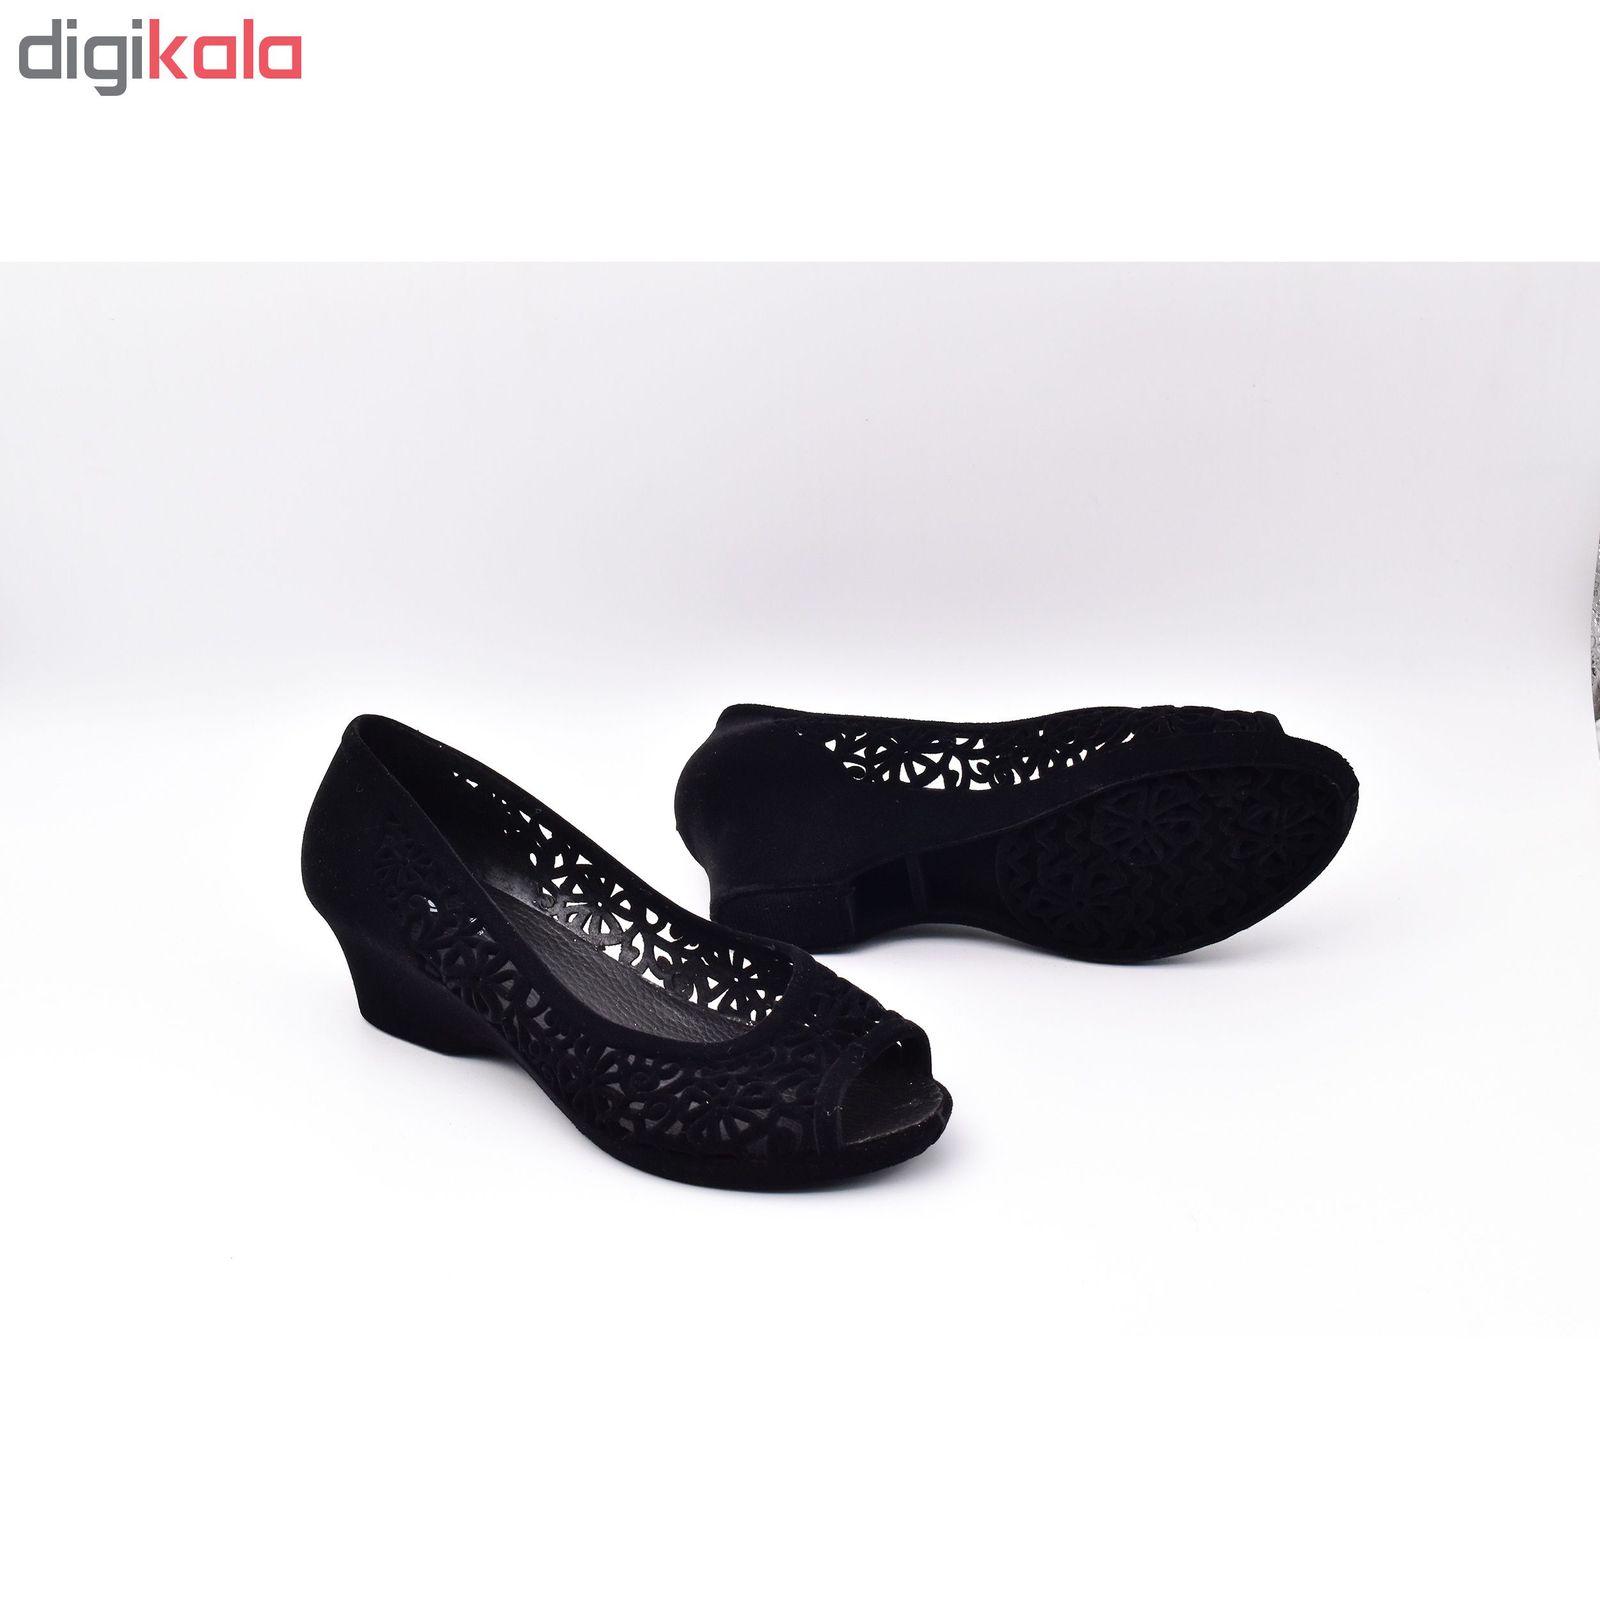 صندل زنانه کفش سورن مدل توران کد 5749 main 1 6